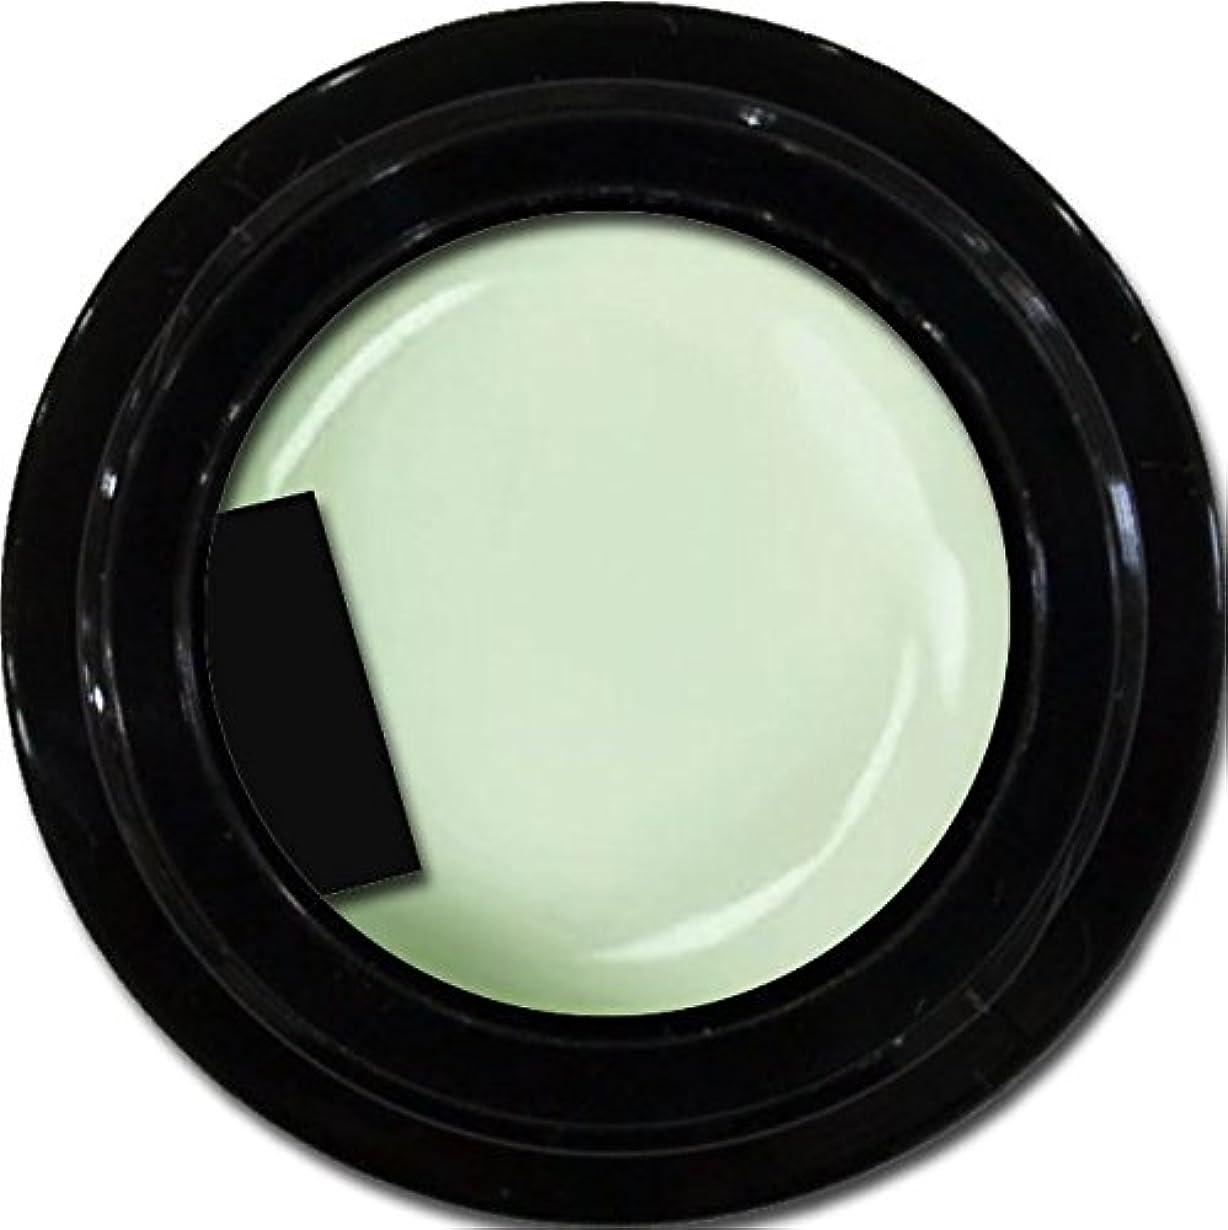 引き潮哺乳類一貫性のないカラージェル enchant color gel M710 Pistachio 3g/ マットカラージェル M710 ピスタチオ 3グラム